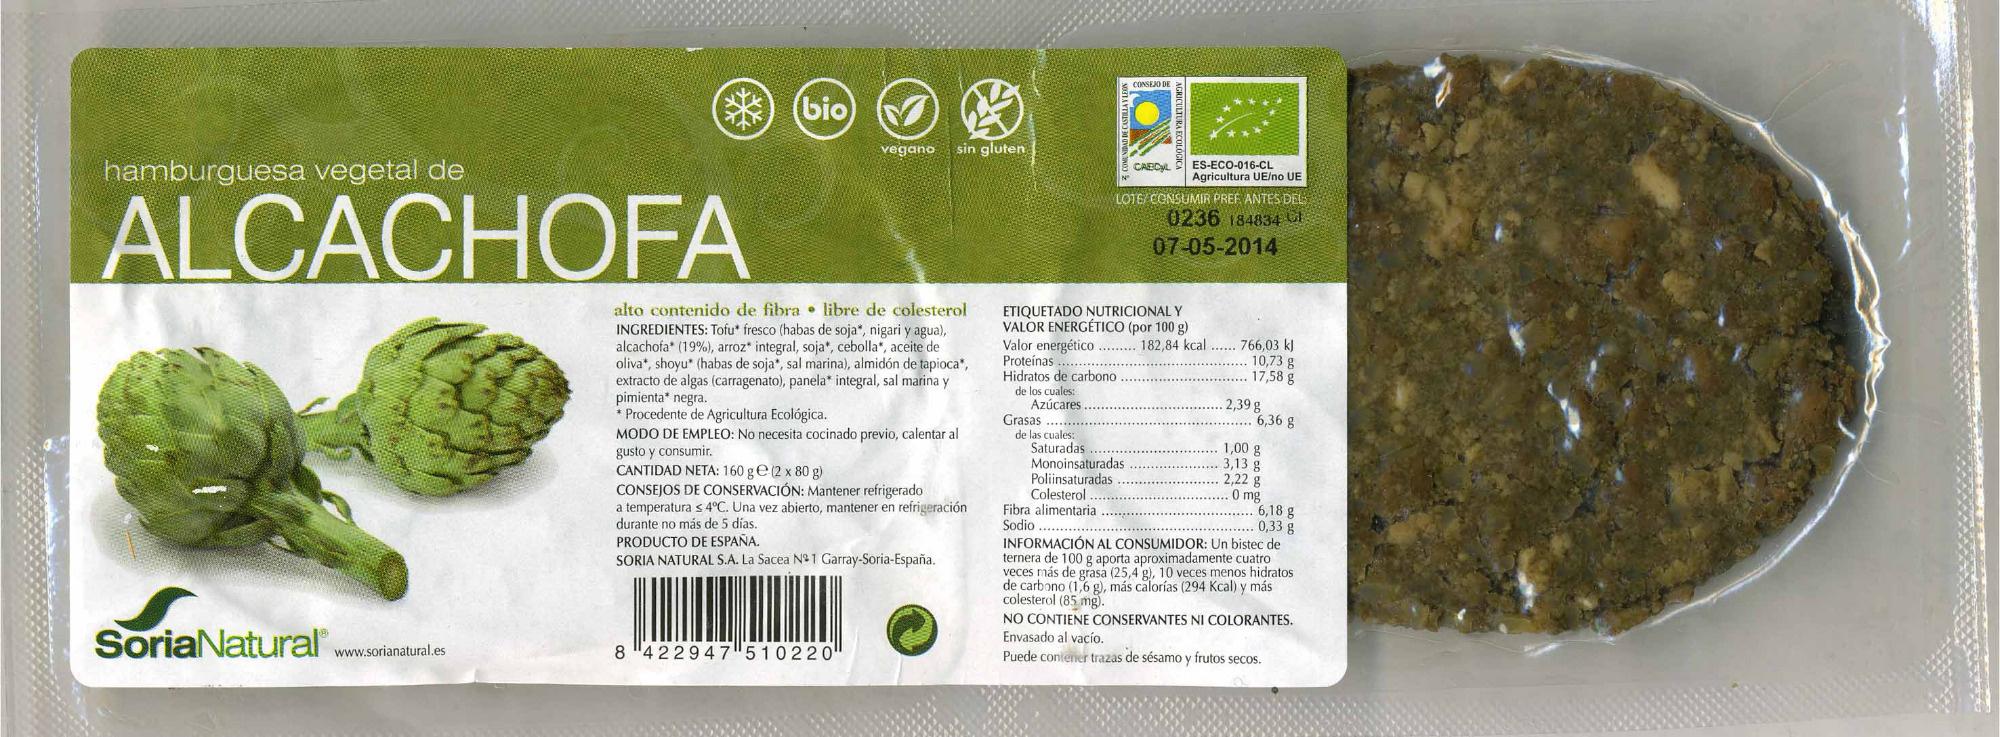 Hamburguesa vegetal de alcachofa - Producto - es